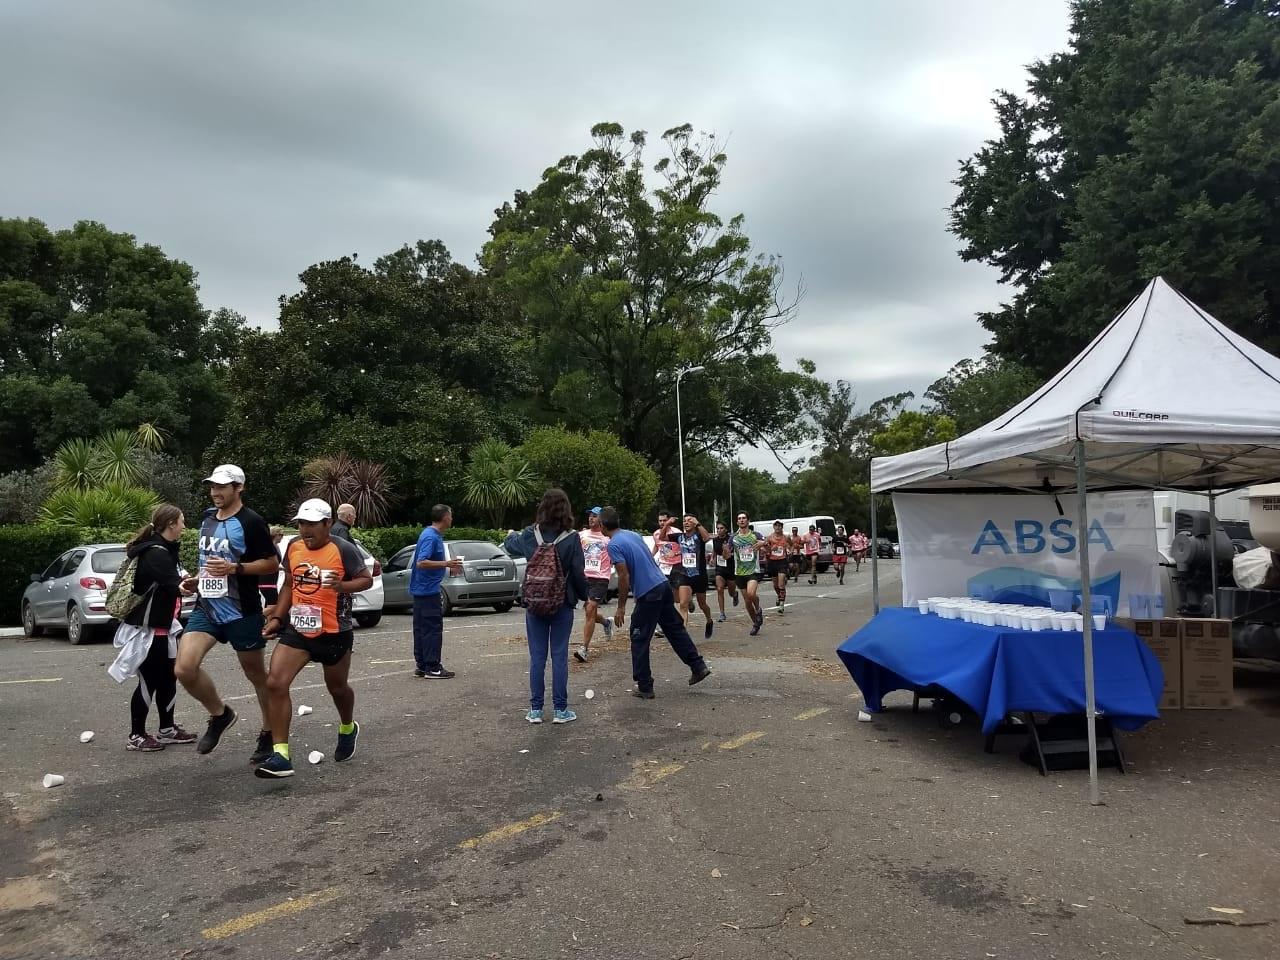 ABSA hidrató a los corredores en la maratón solidaria a total beneficio del Hospital de Niños de La Plata